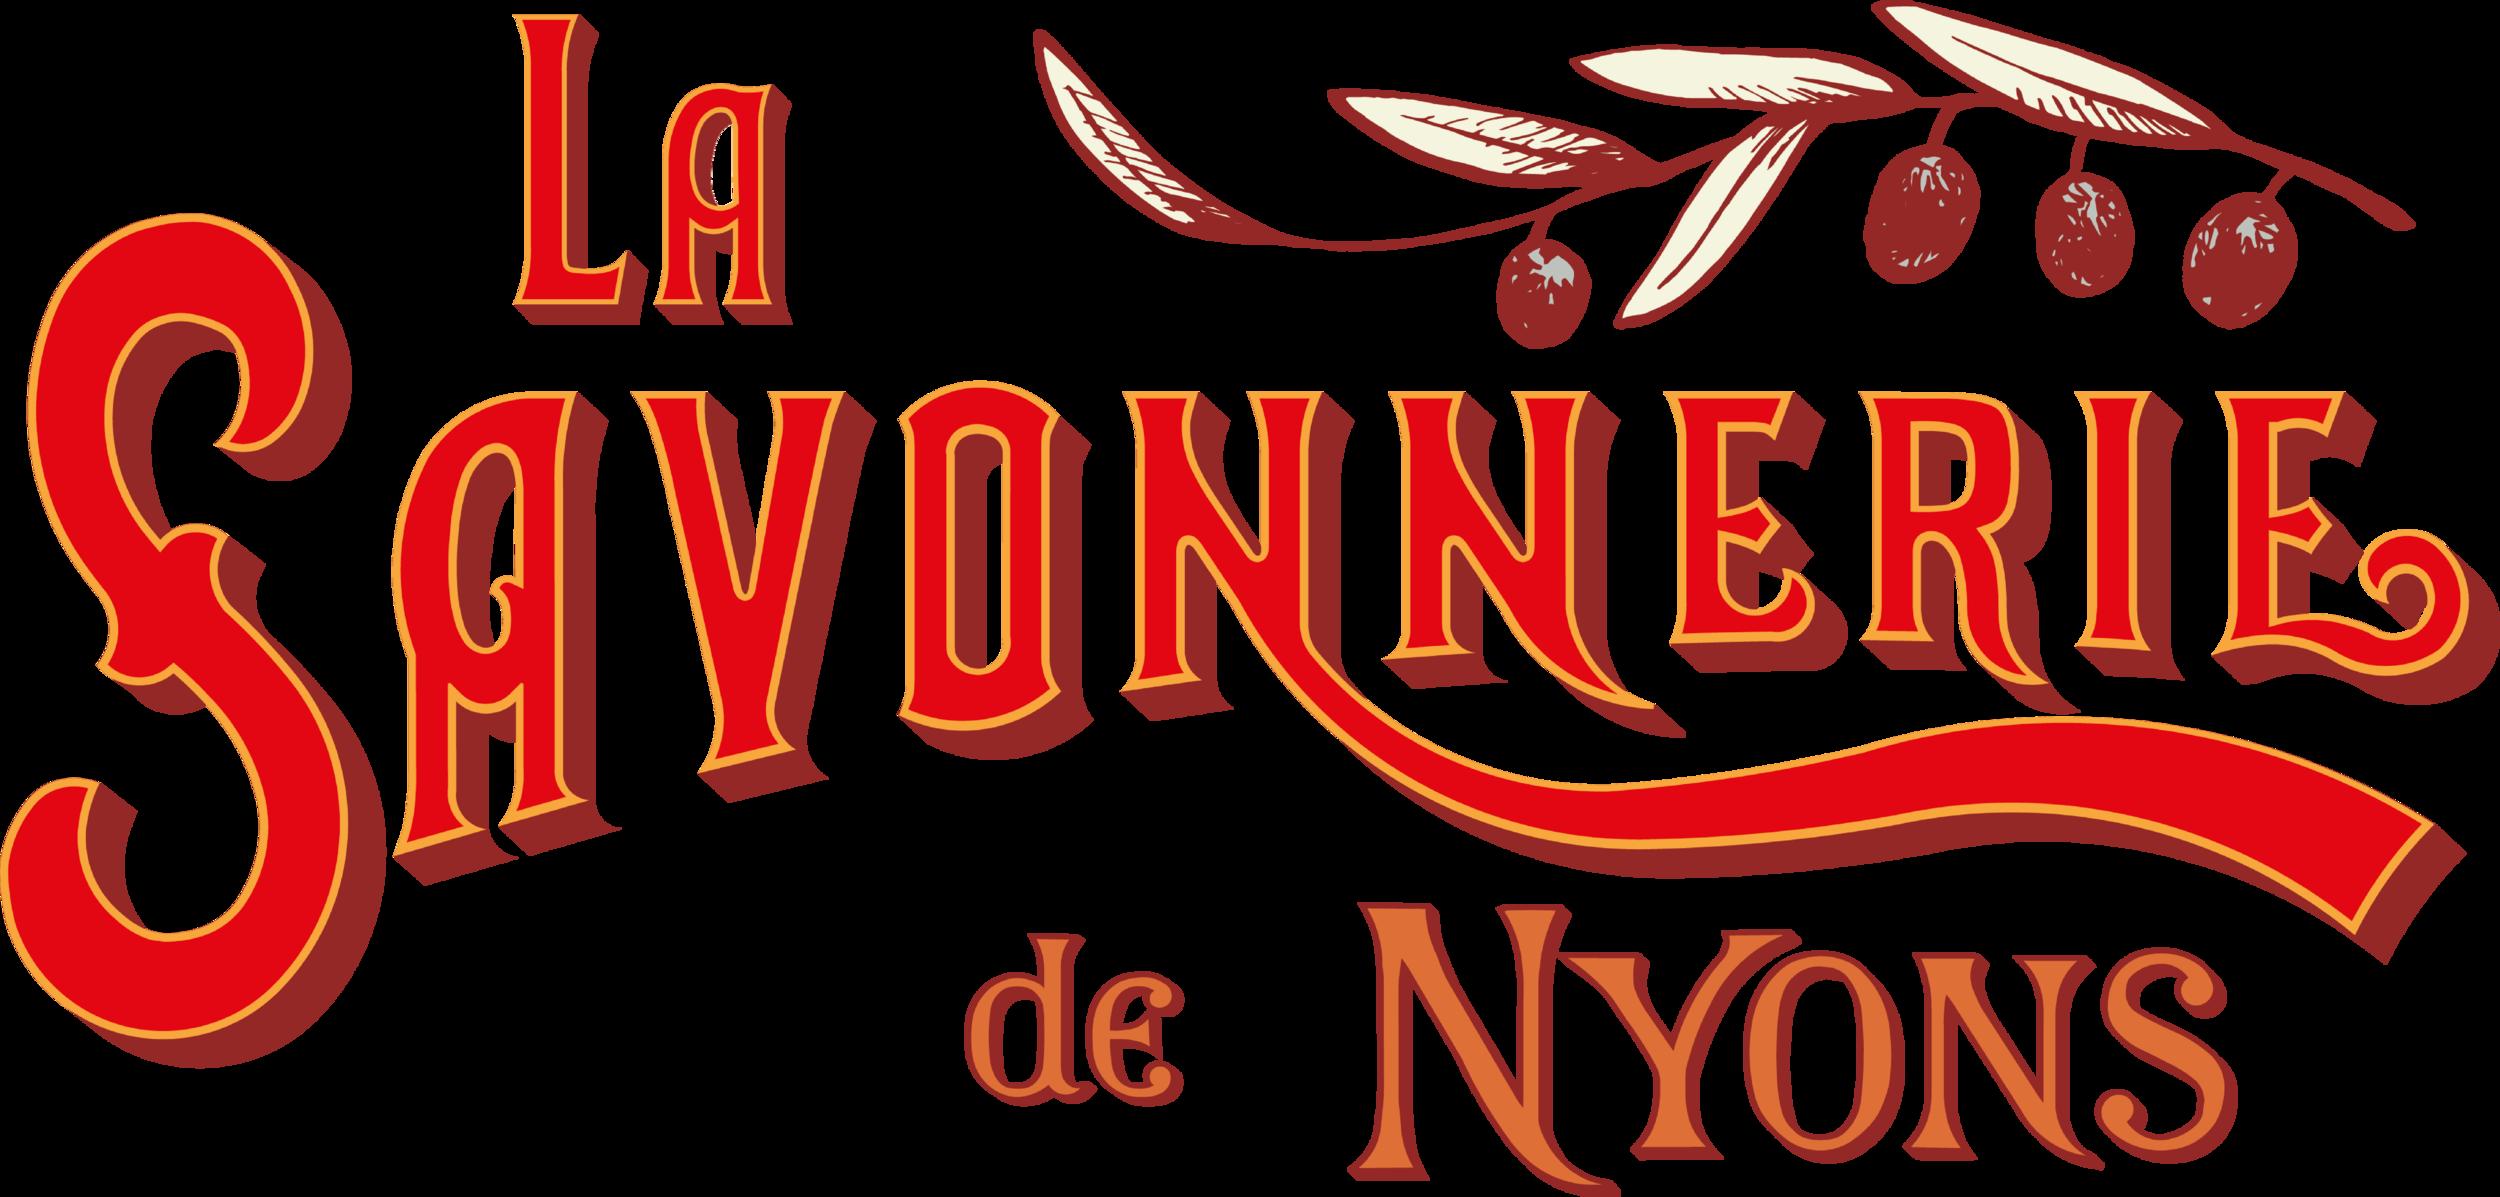 La Savonneriede Nyons